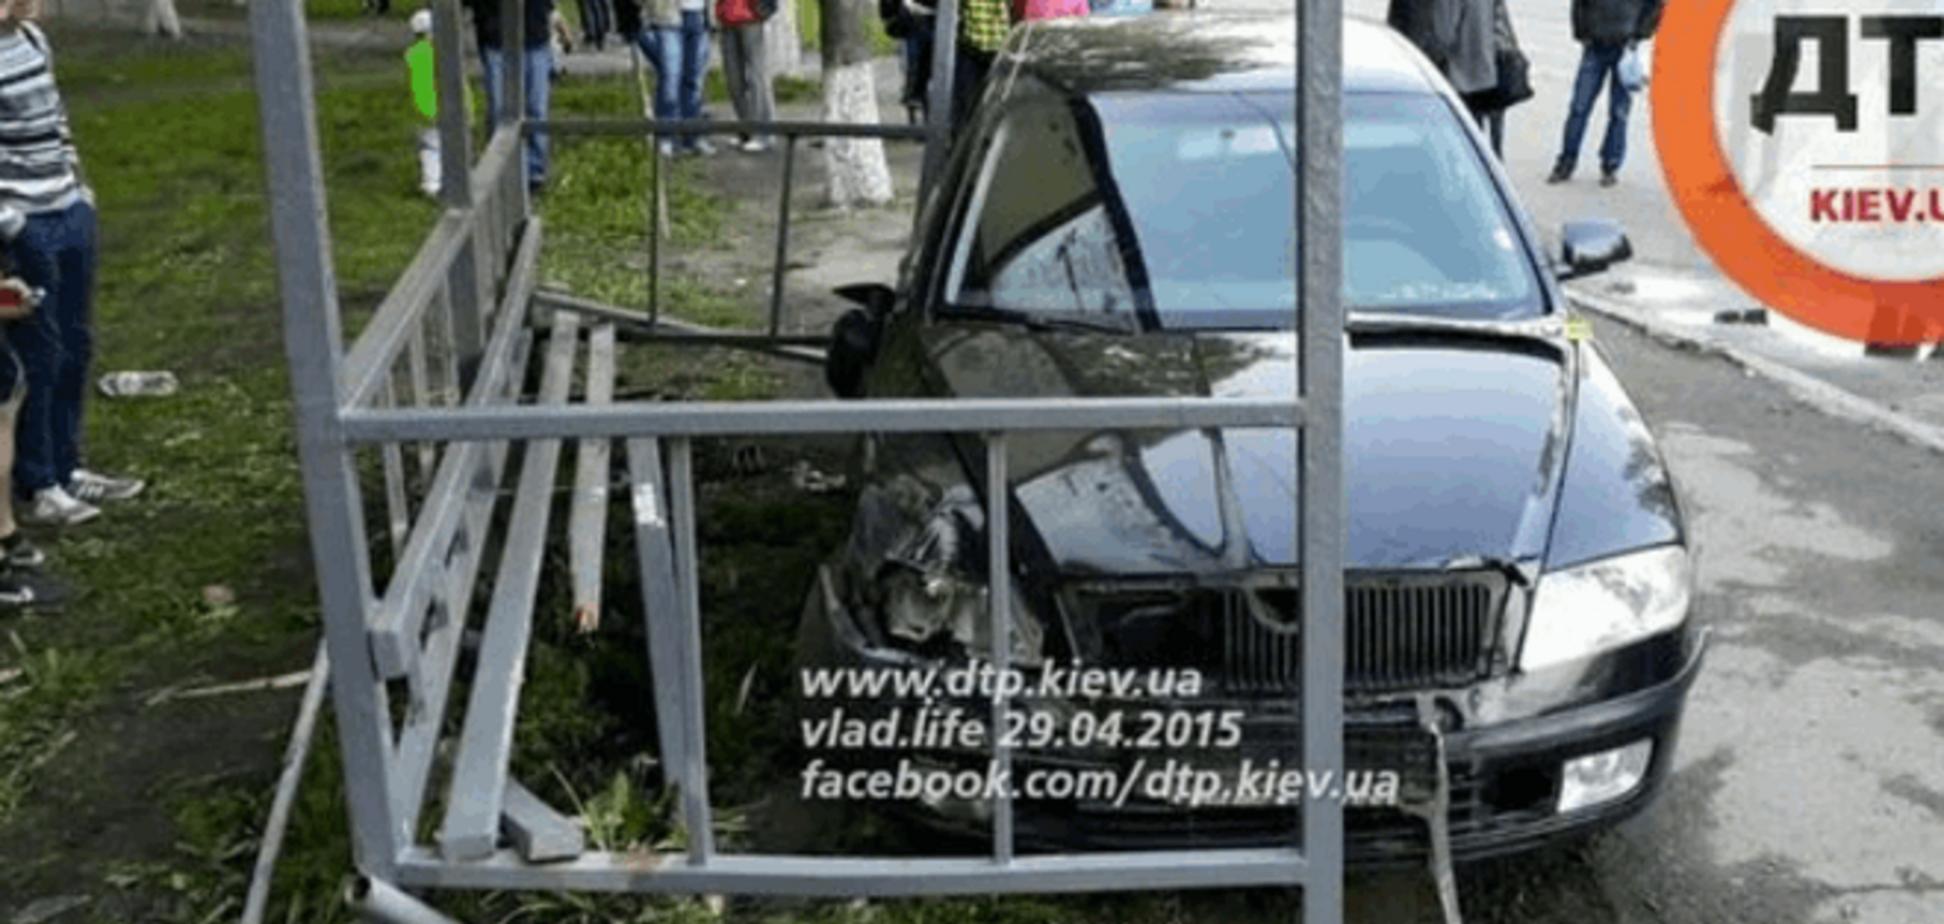 У Києві 'Шкода' вщент розгромила зупинку з дітьми: фото з місця подій